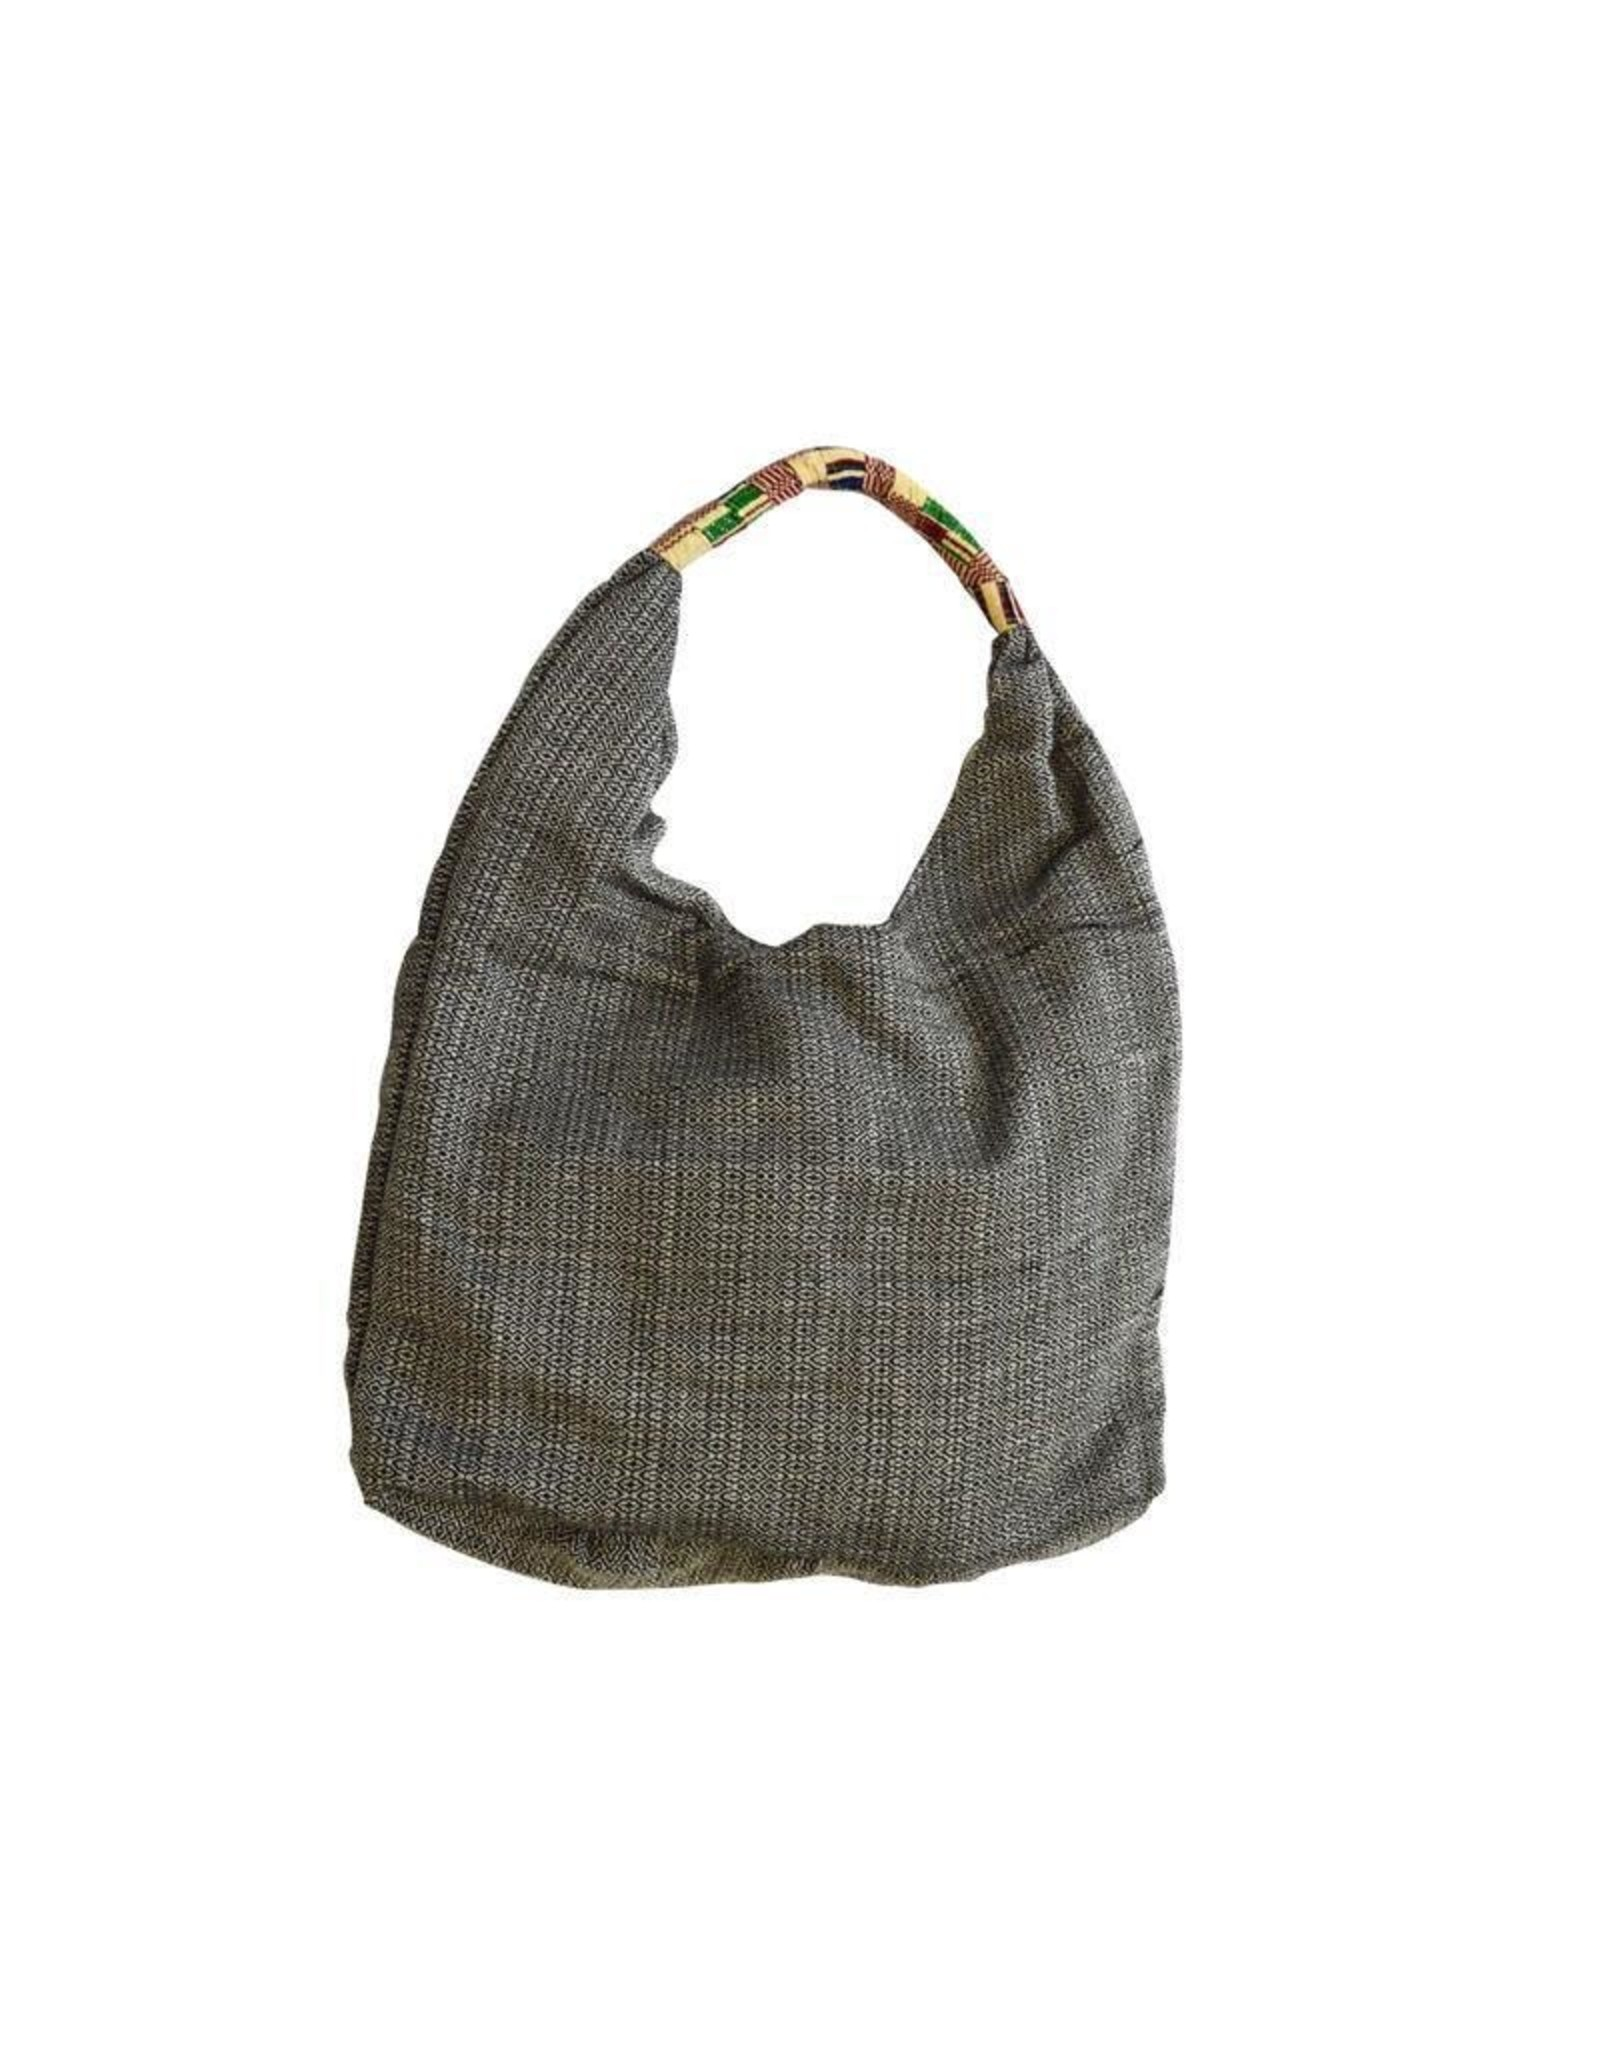 Black and White Woven Hobo Bag, Uganda